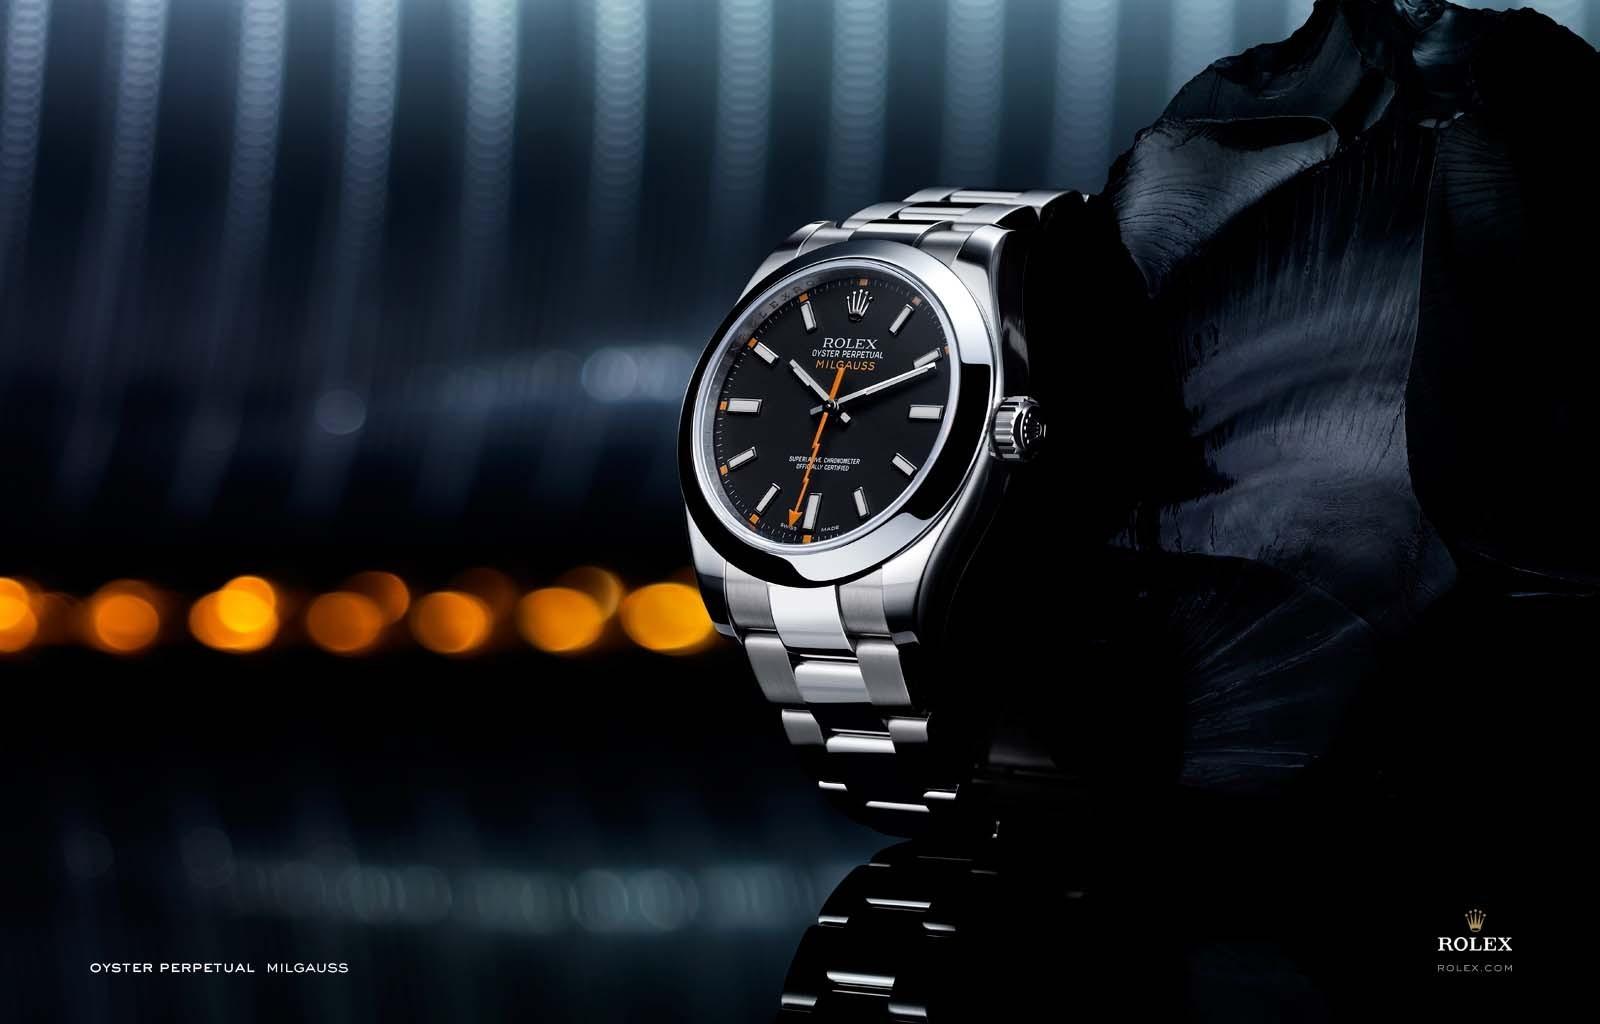 Fond Décran Noir Regarder Rolex Marque Montres De Luxe Main